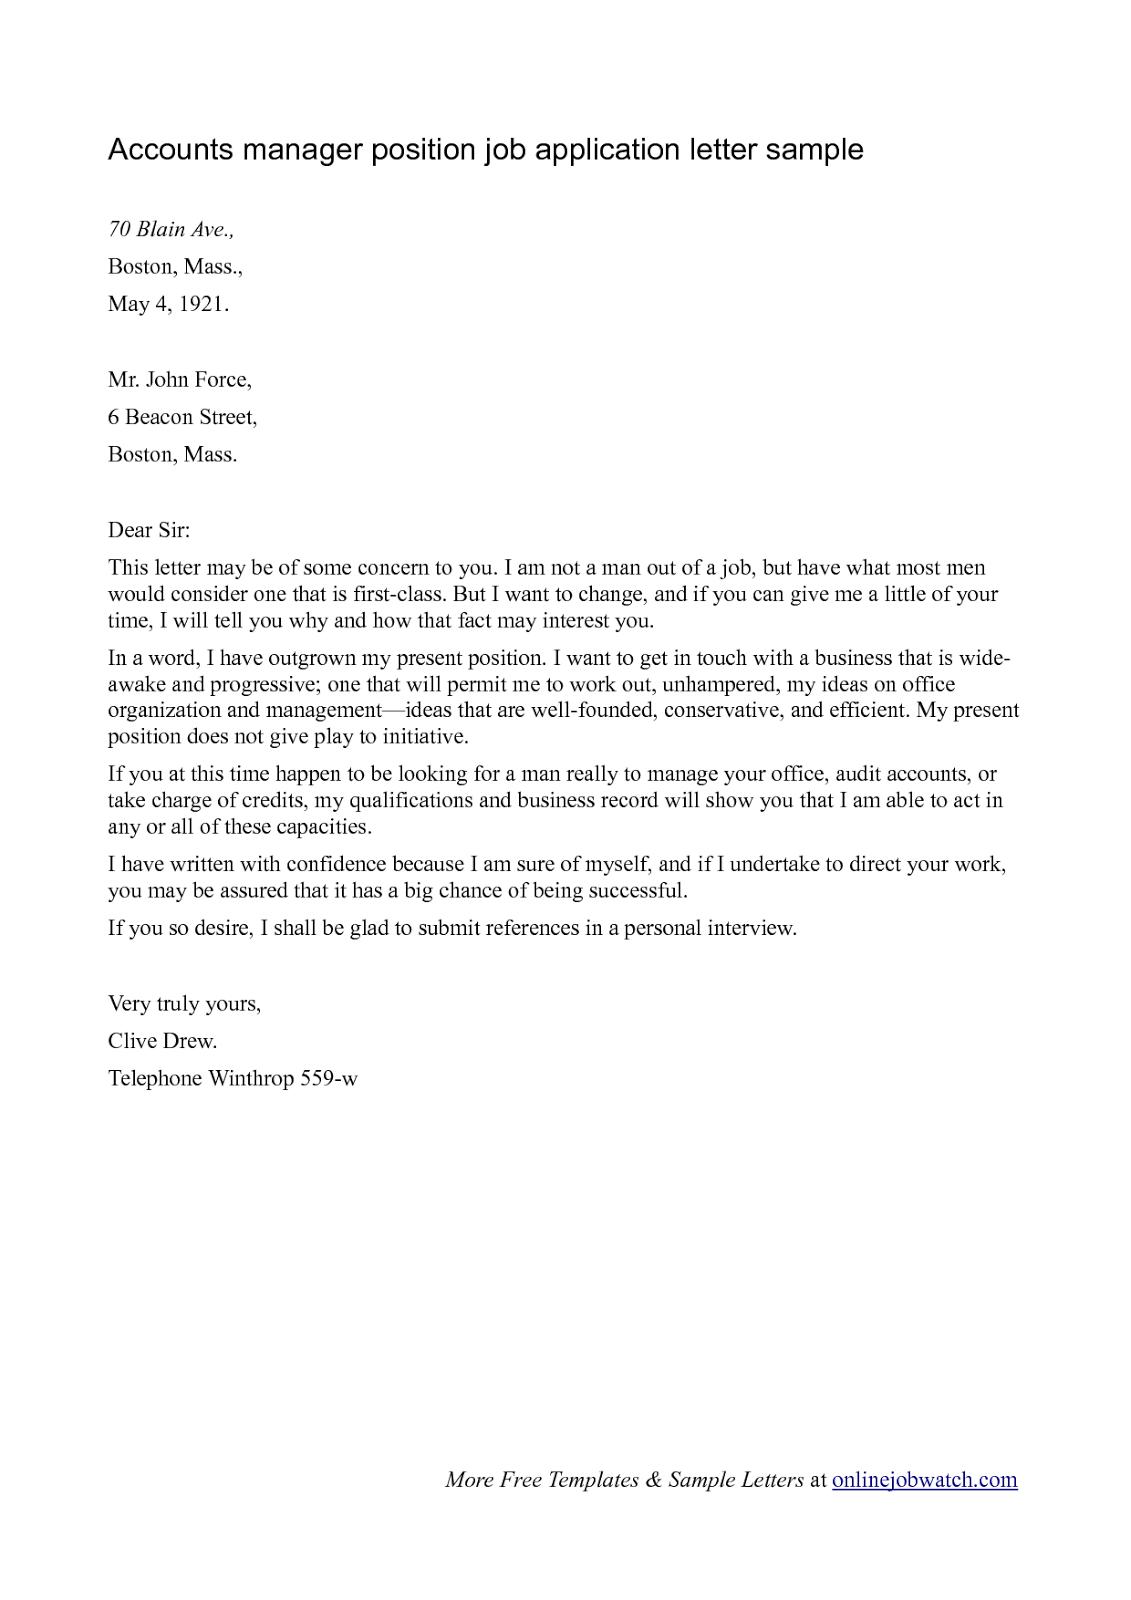 job application letter sample 15